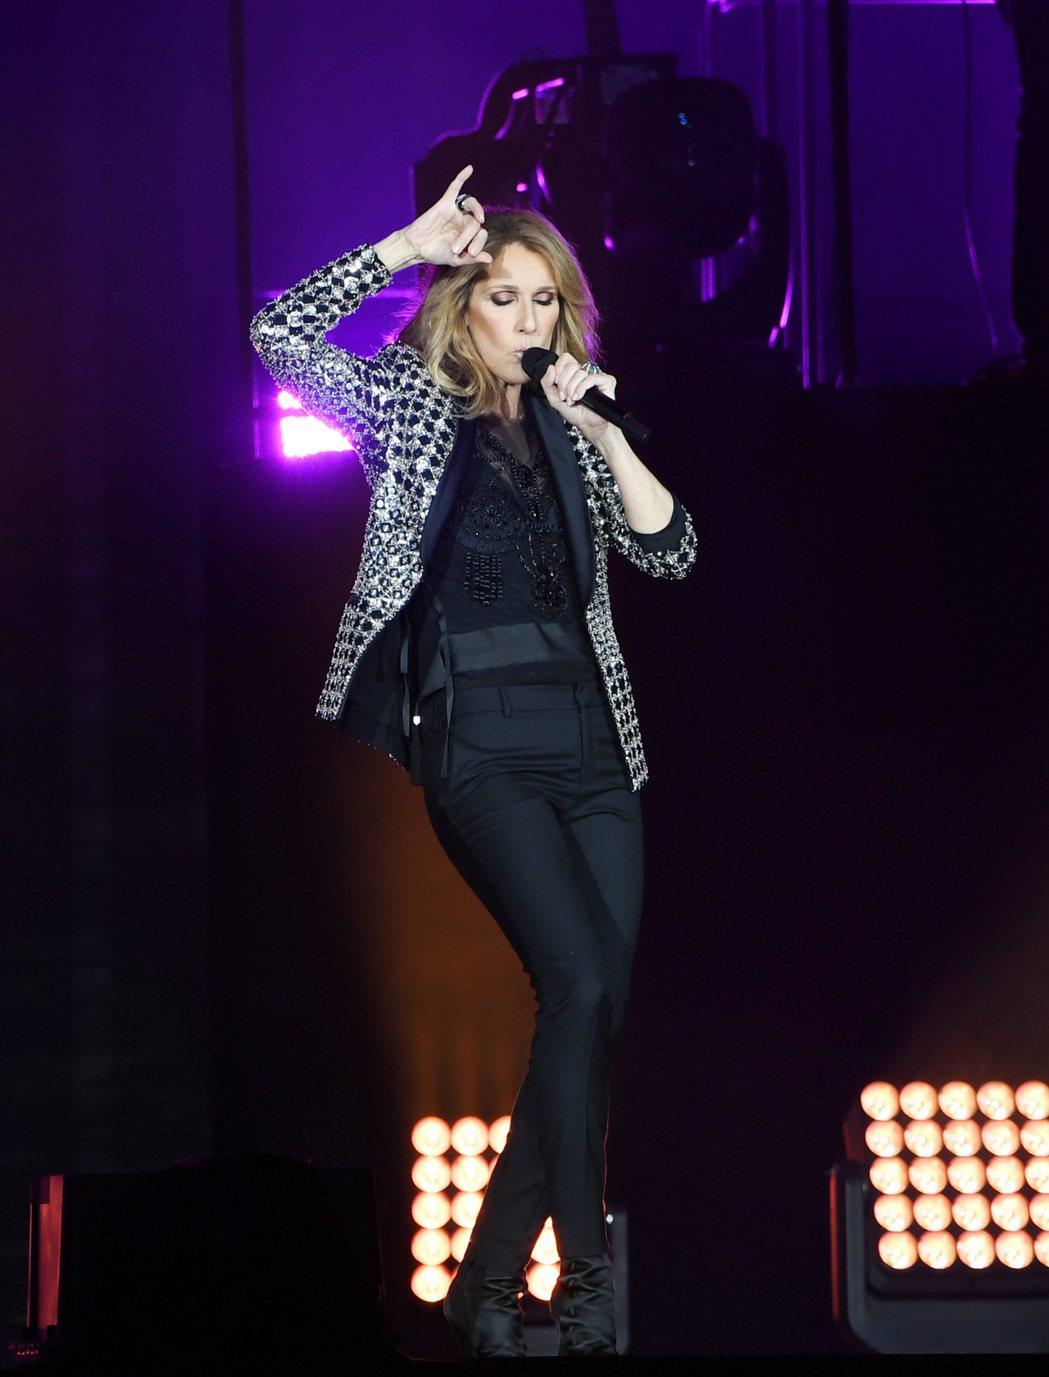 席琳狄翁台北演唱會加場第三場,門票又迅速賣破逾九成。圖/寬宏提供